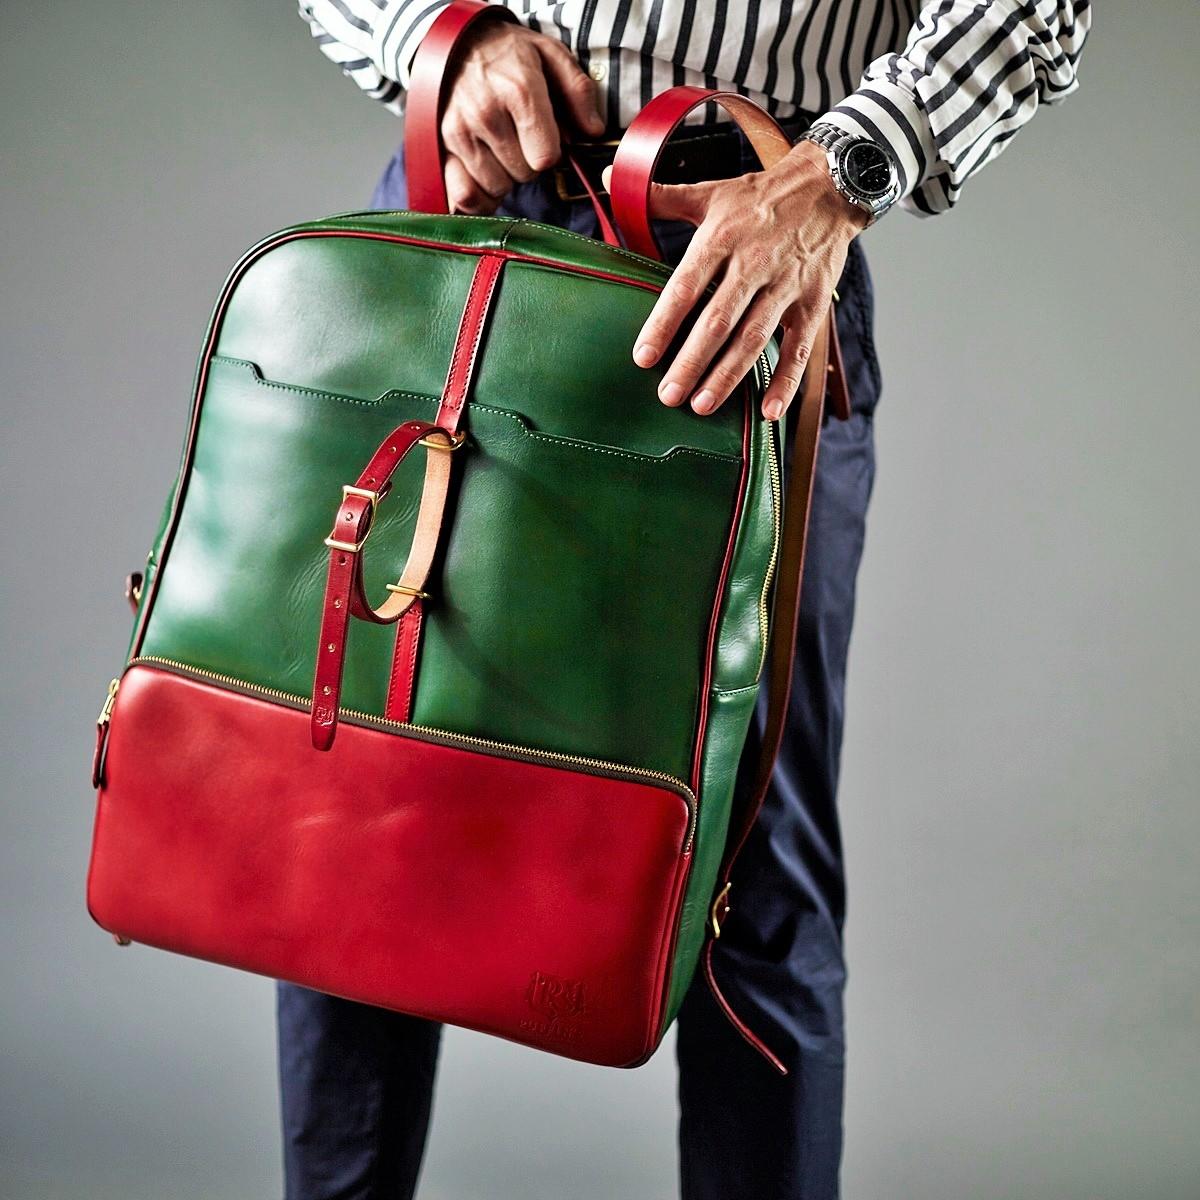 рюкзак gran turismo  17'' красная смородина & зеленый травяной